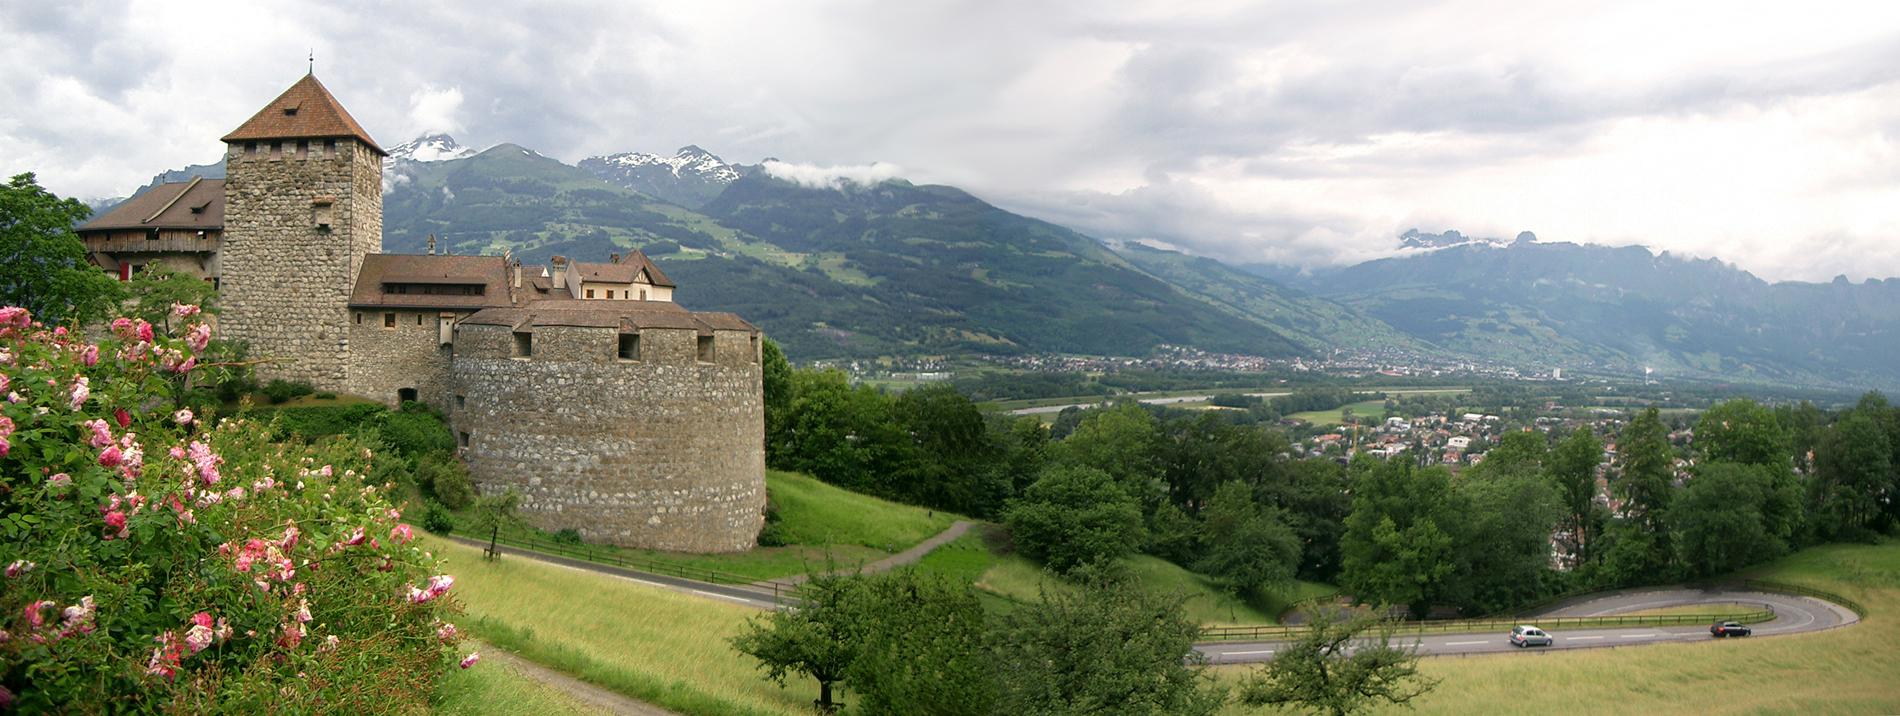 Замок Вадуц в Лихтенштейне   www.o...